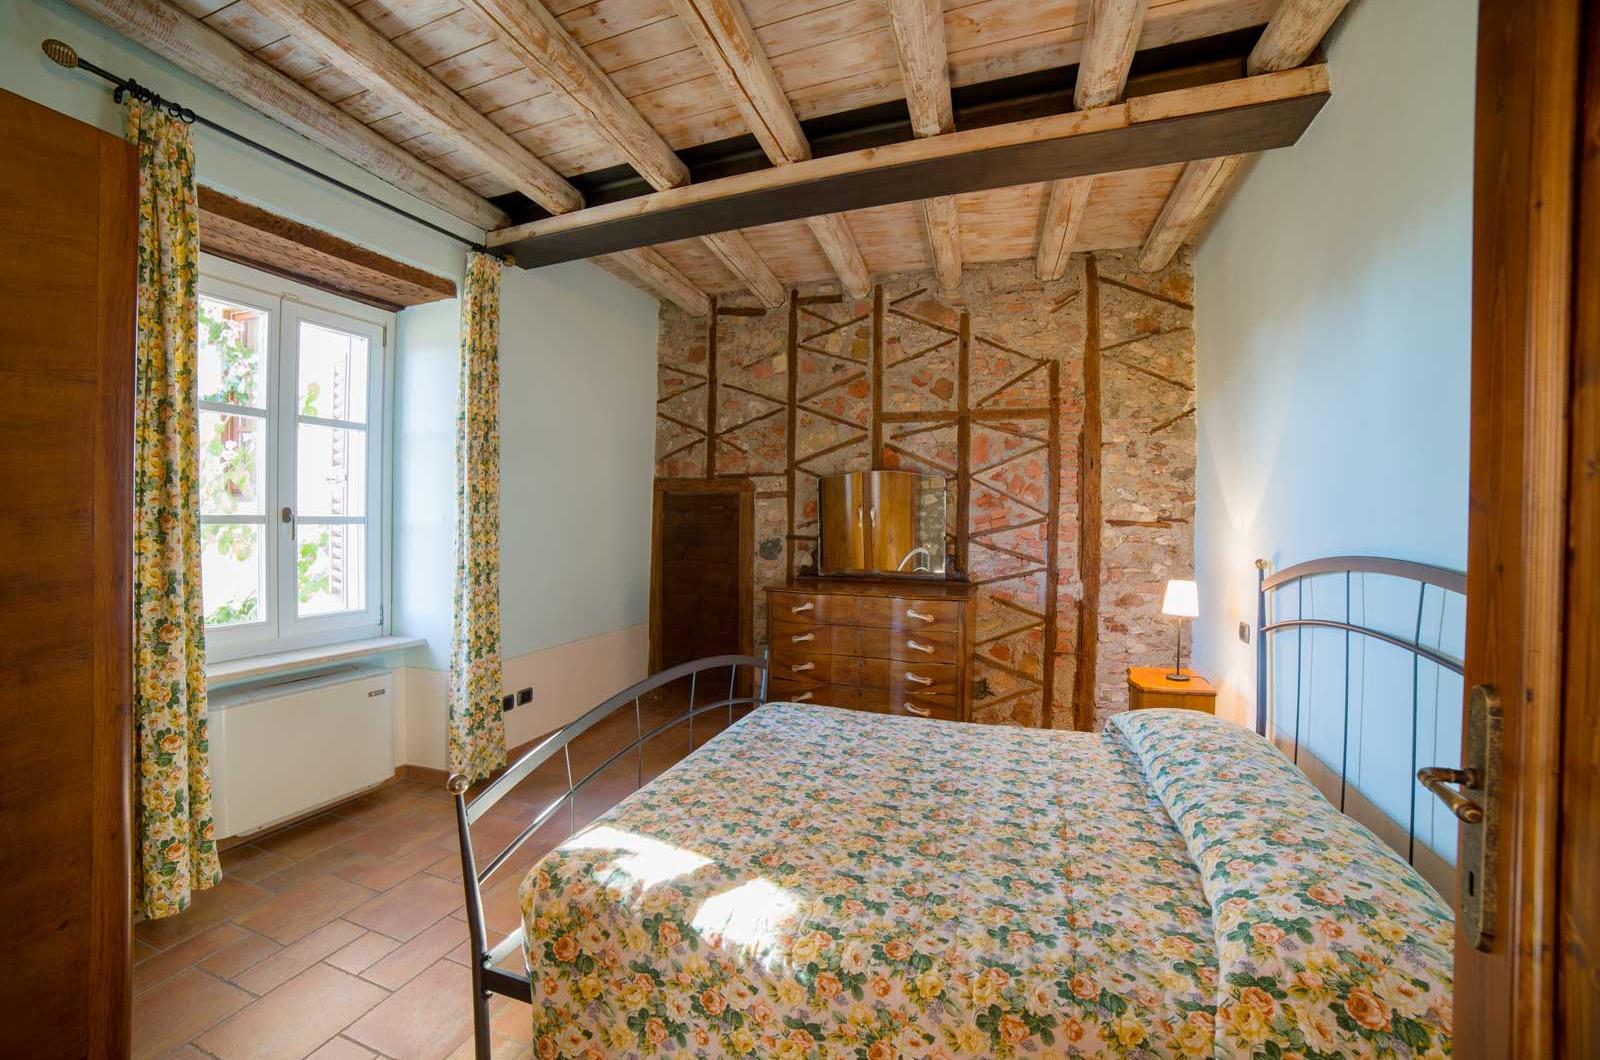 Dreizimmerwohnungen